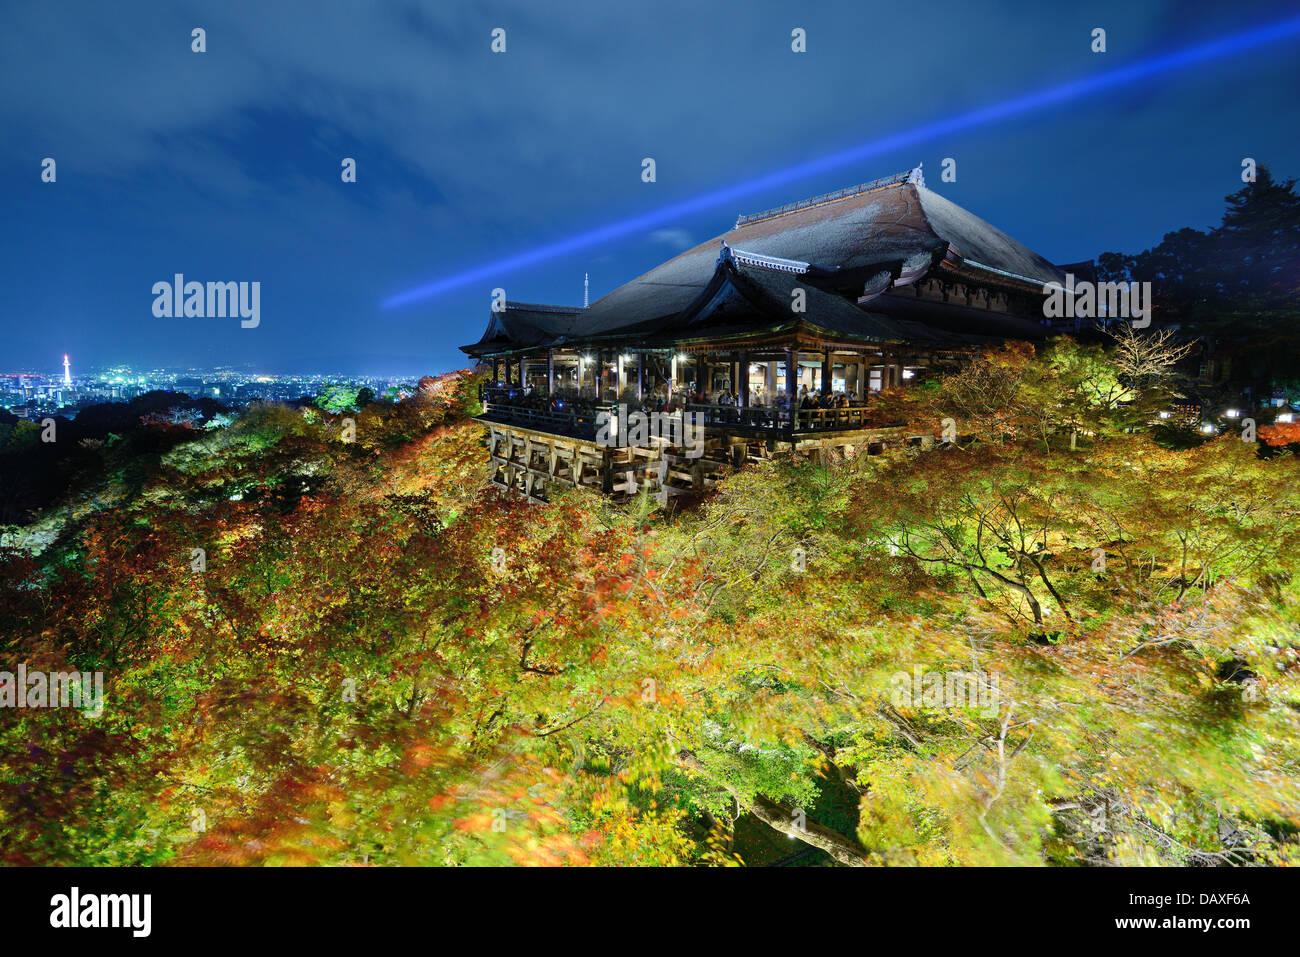 Kiyomizu-Dera-Bühne in der Nacht in Kyoto, Japan. Stockbild